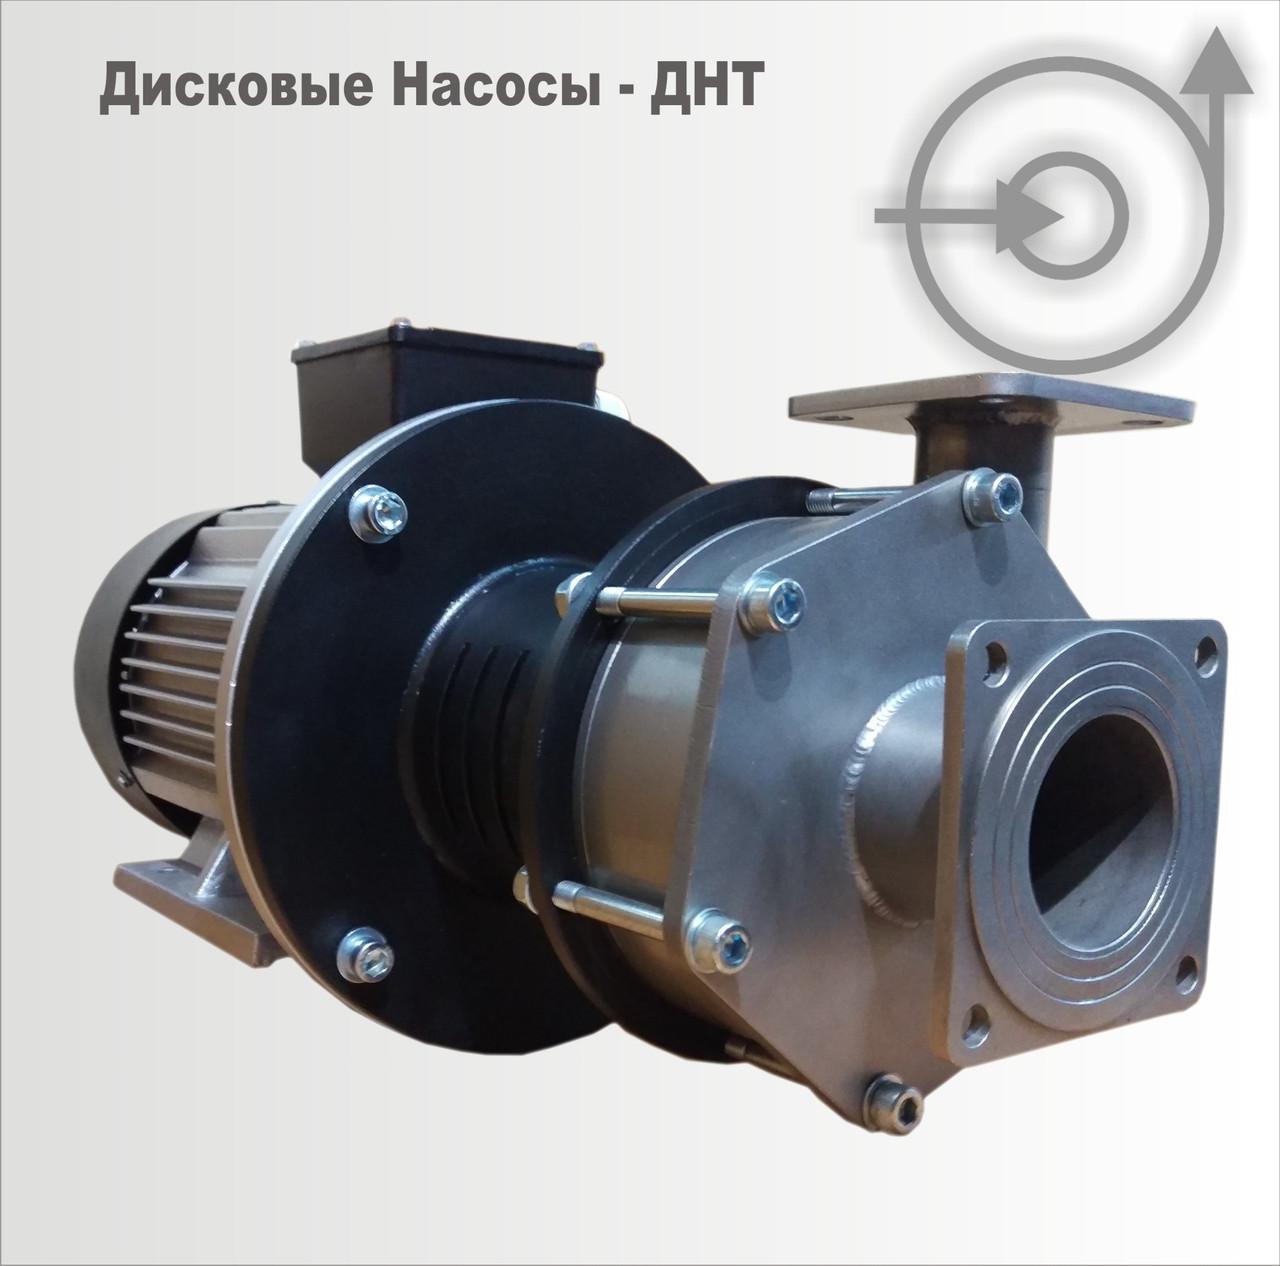 Дисковый насос ДНТ-М 170 30-10 ТУ нержавеющая сталь